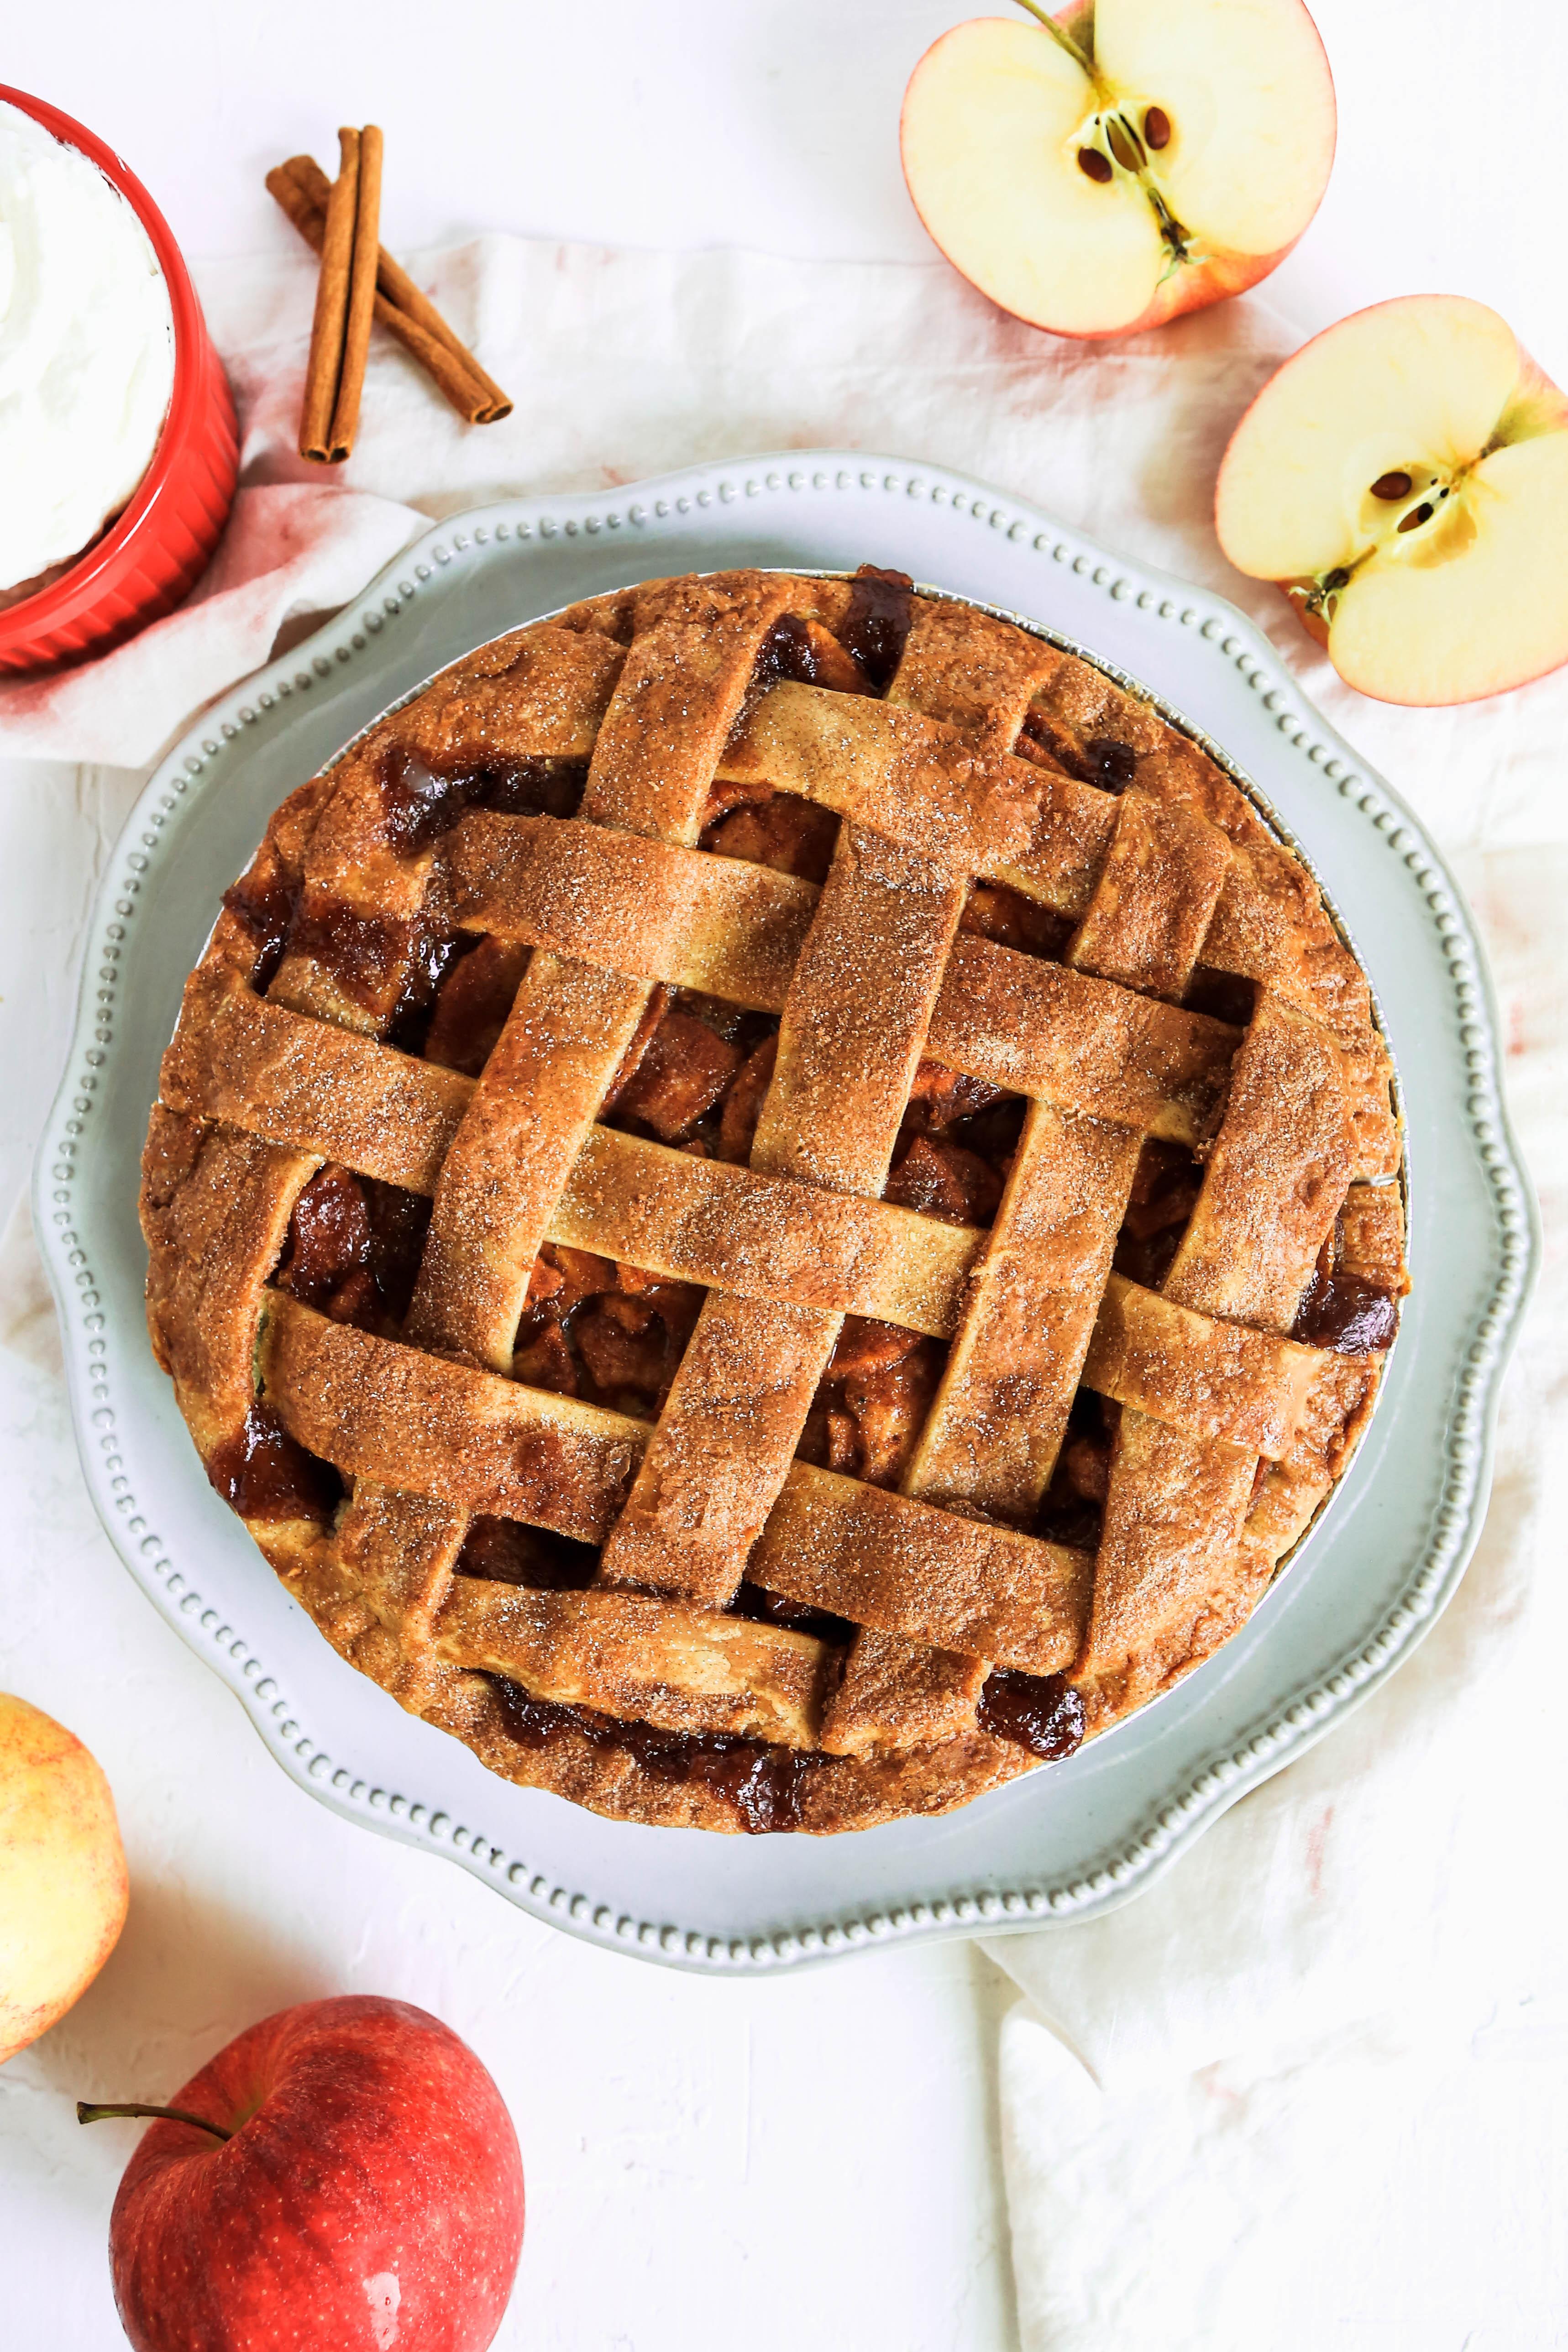 Full apple pie with lattice top